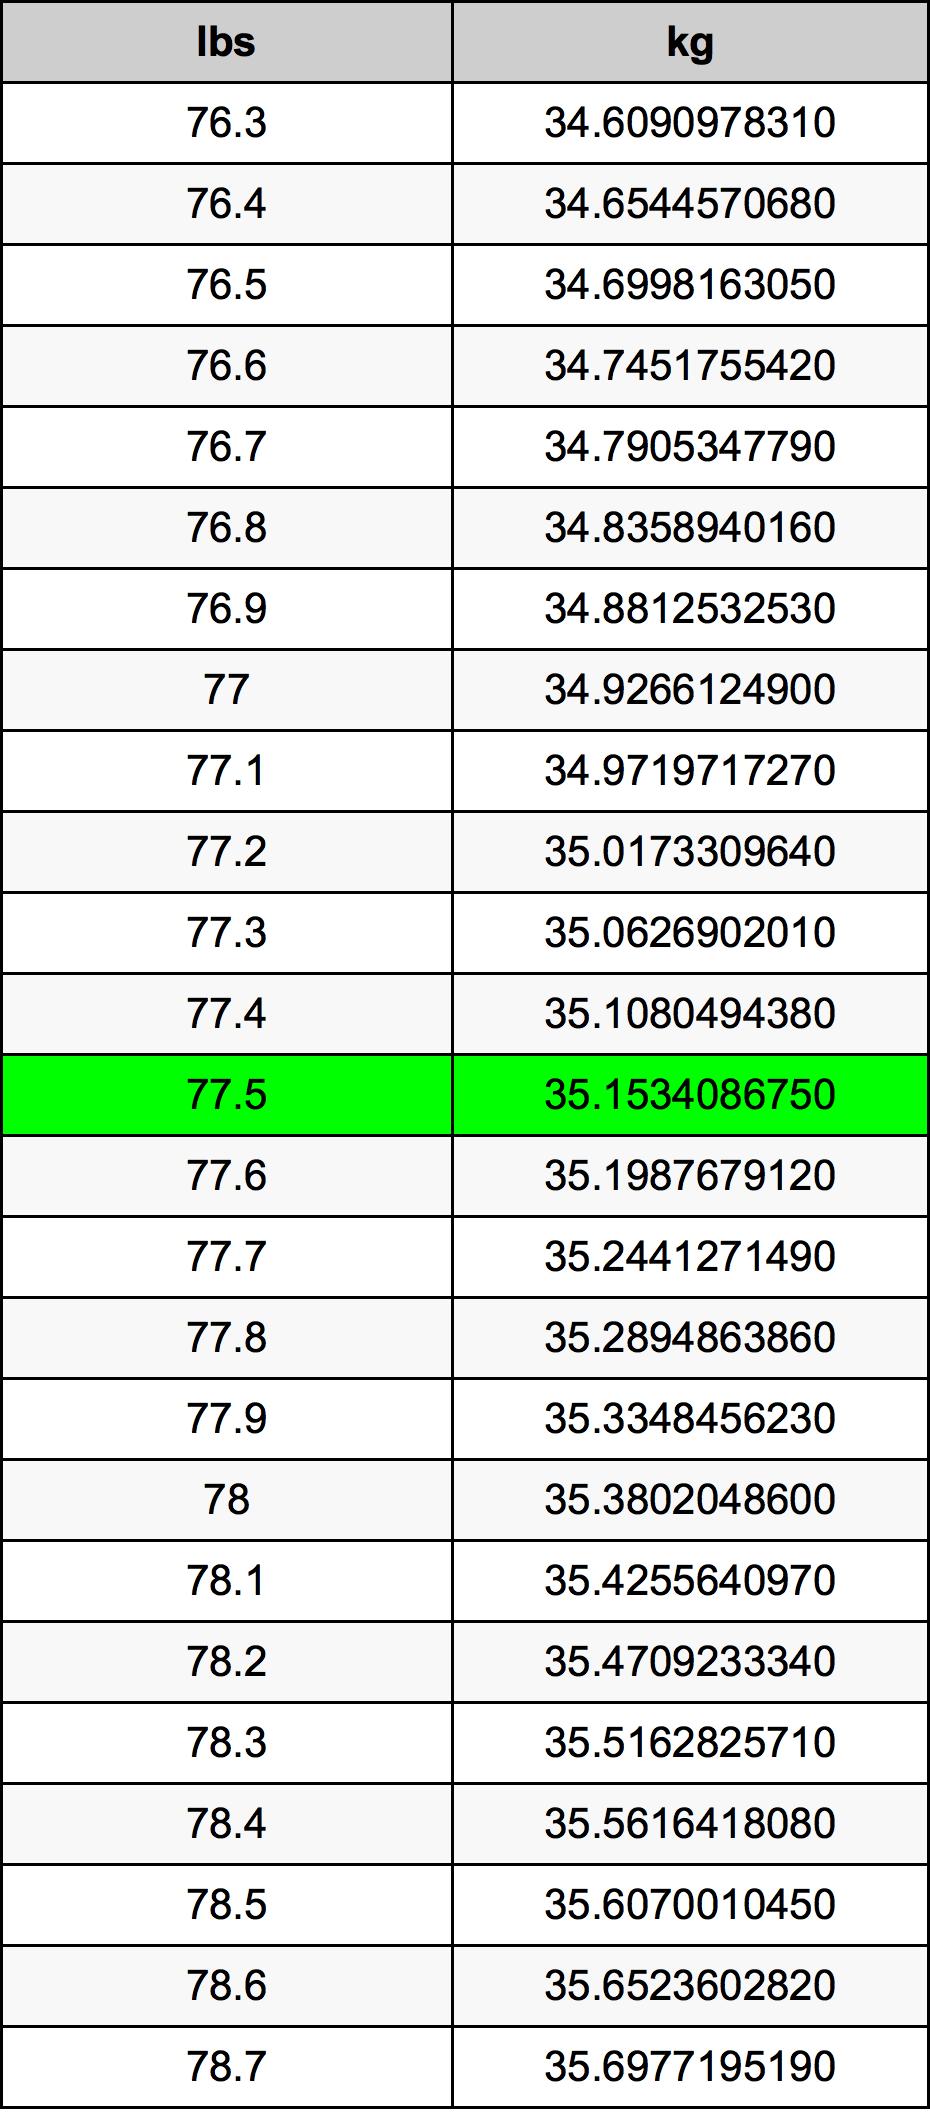 77.5 Svaras konversijos lentelę